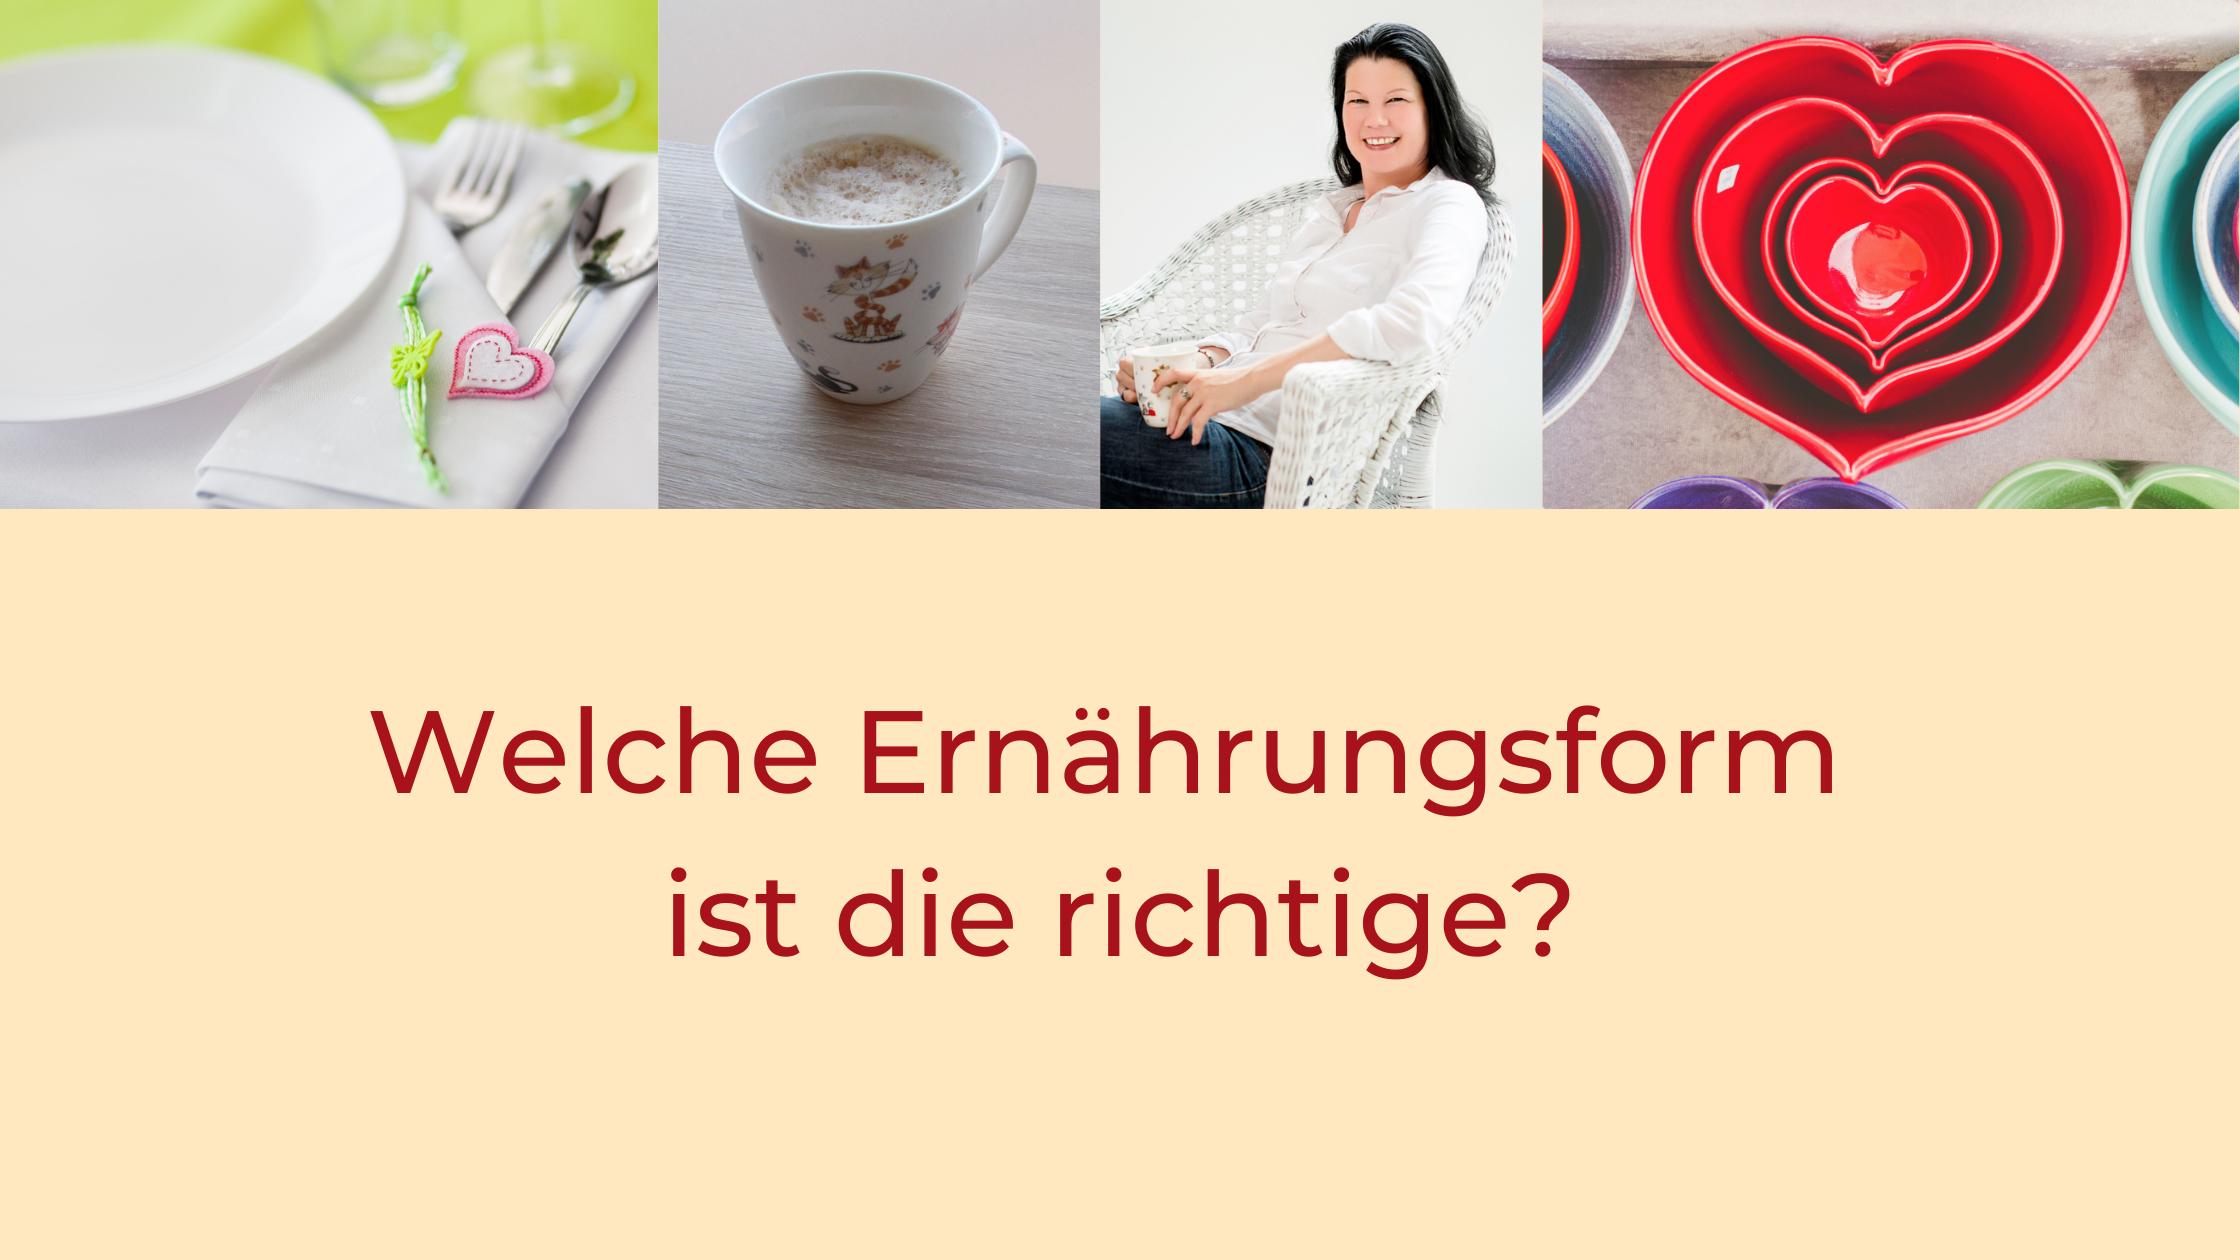 Titel: Welche Ernährungsform ist die richtige?